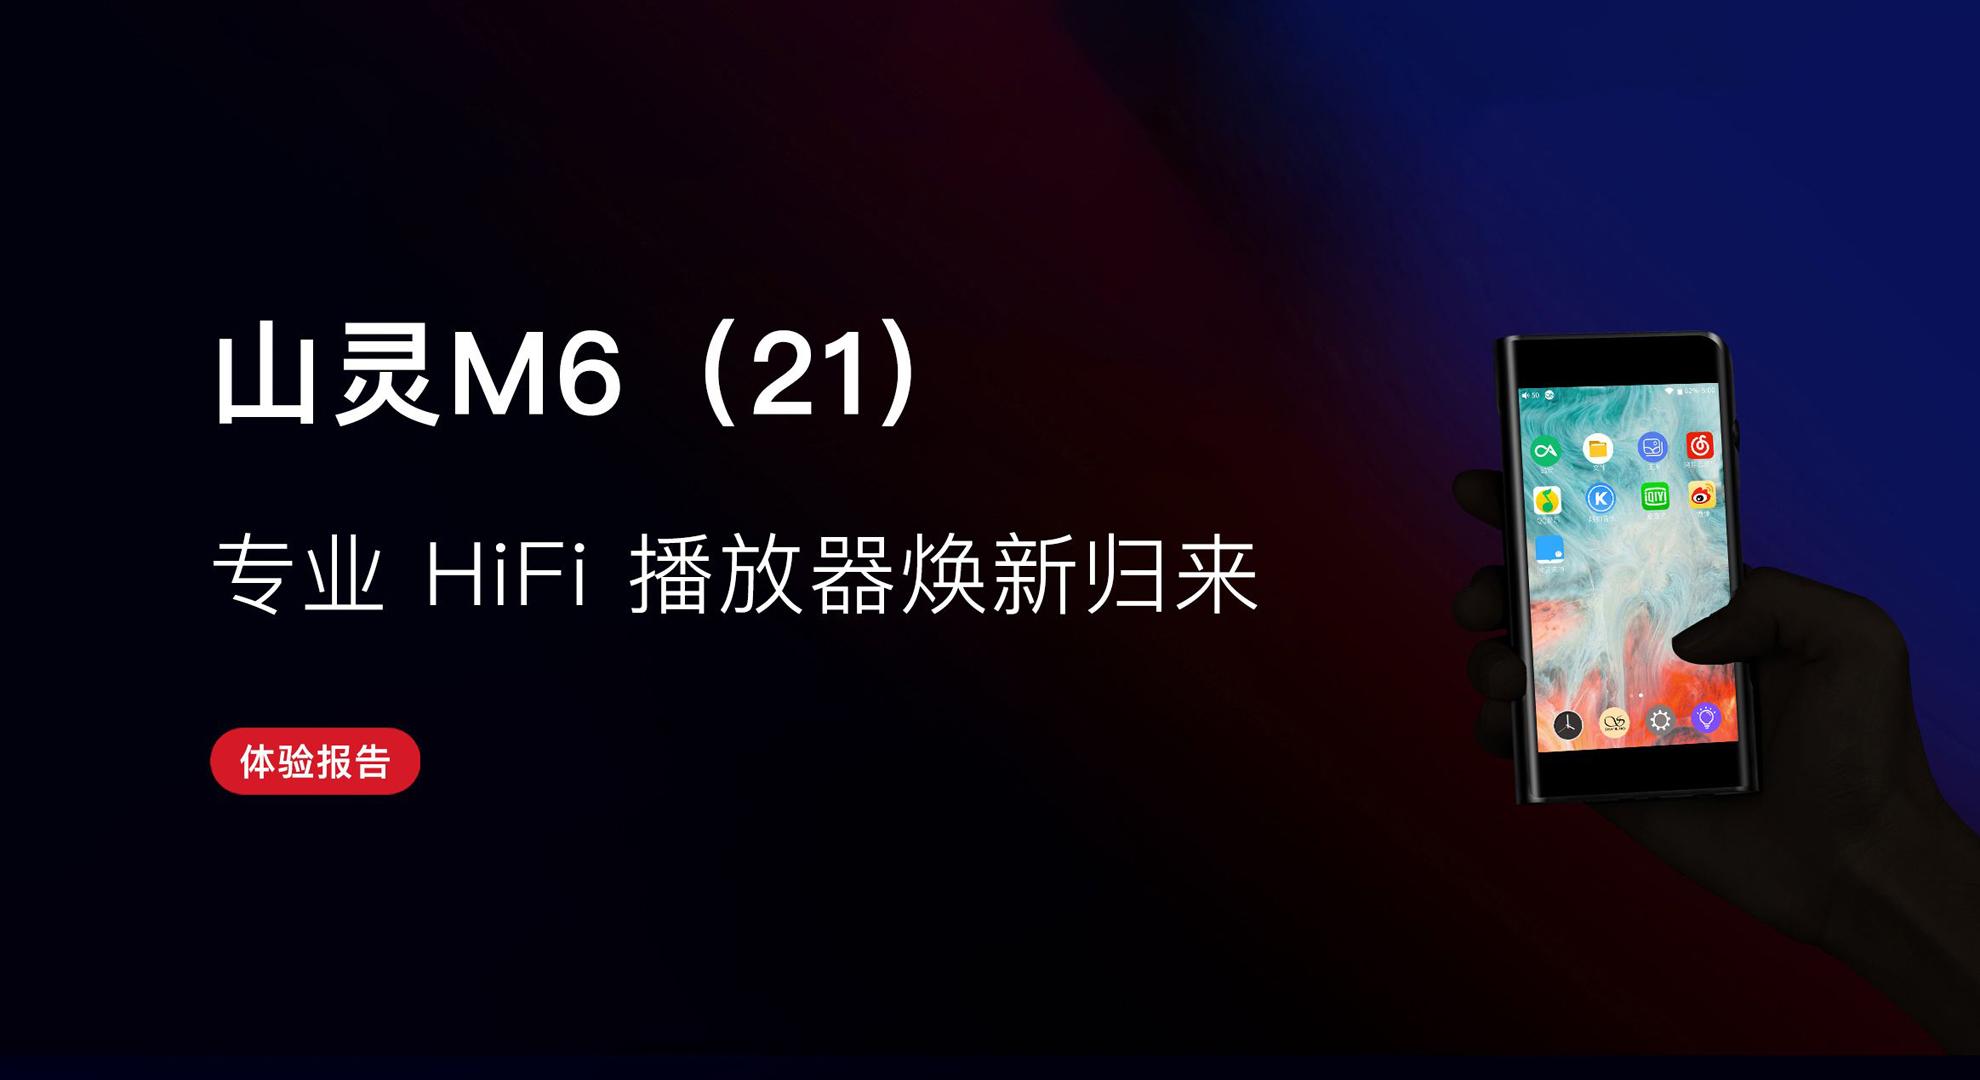 笪屹超人 山灵 UA2 便携解码耳放和 M6 21版播放器体验